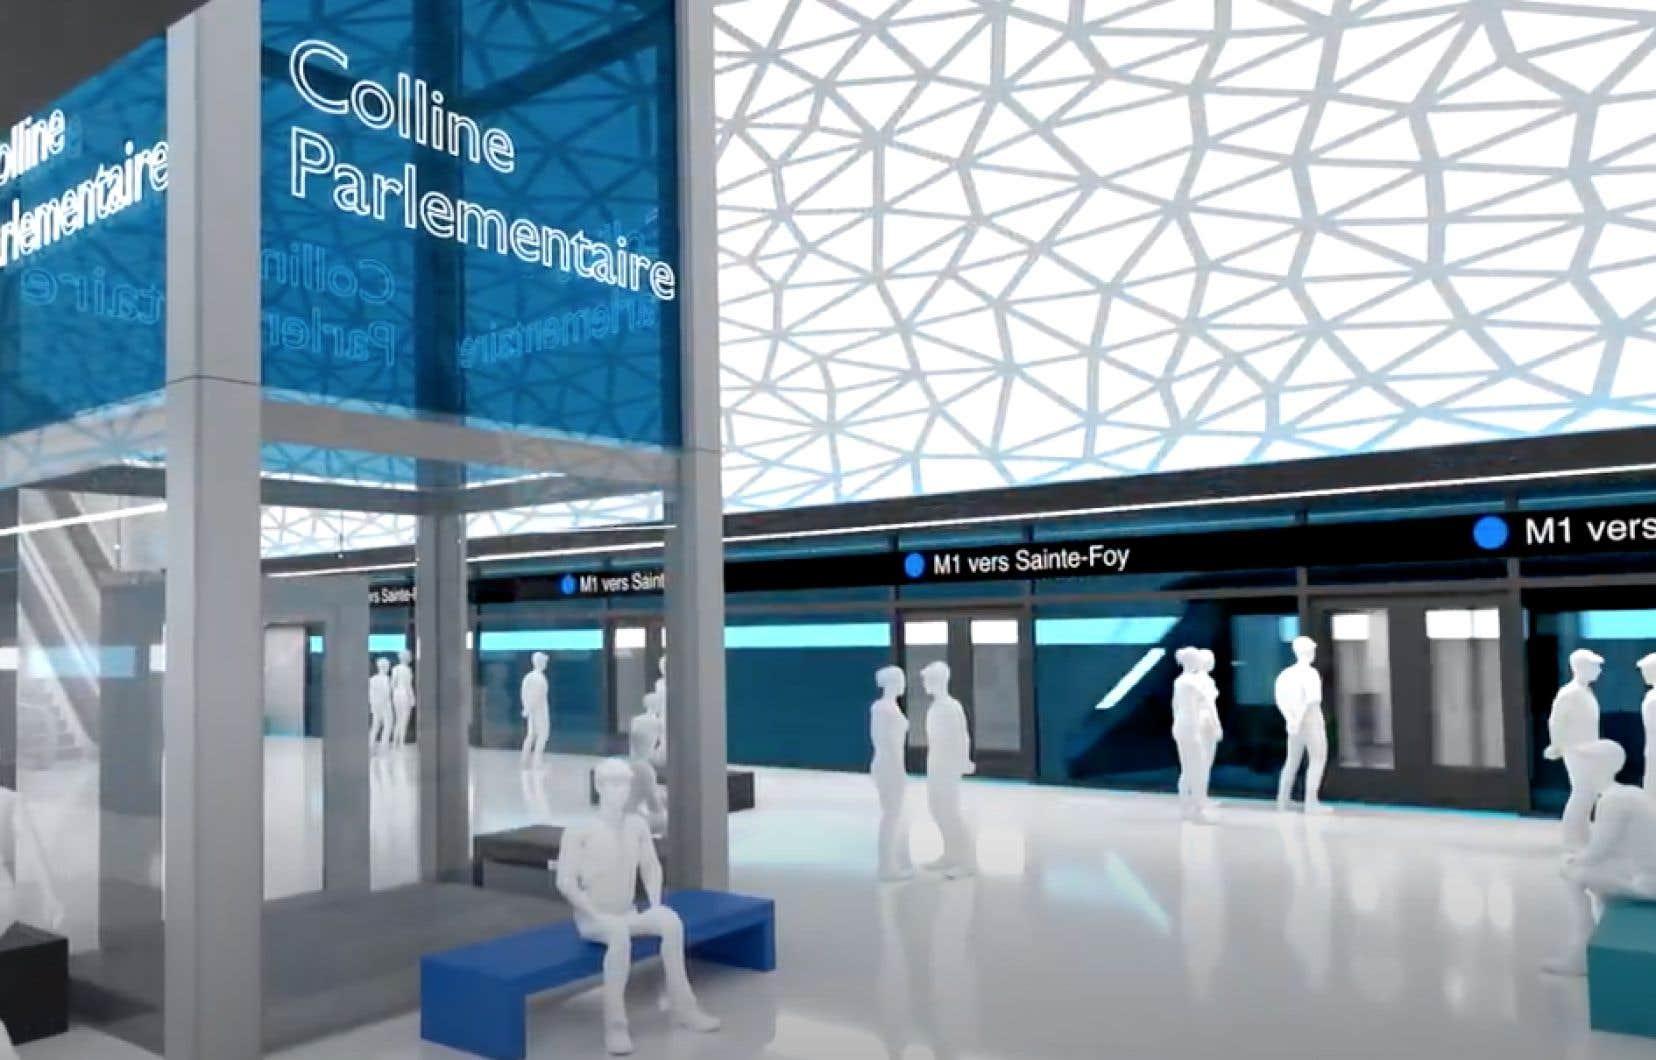 Le parti Québec 21 propose un autre projet de transport souterrain électrique à Québec